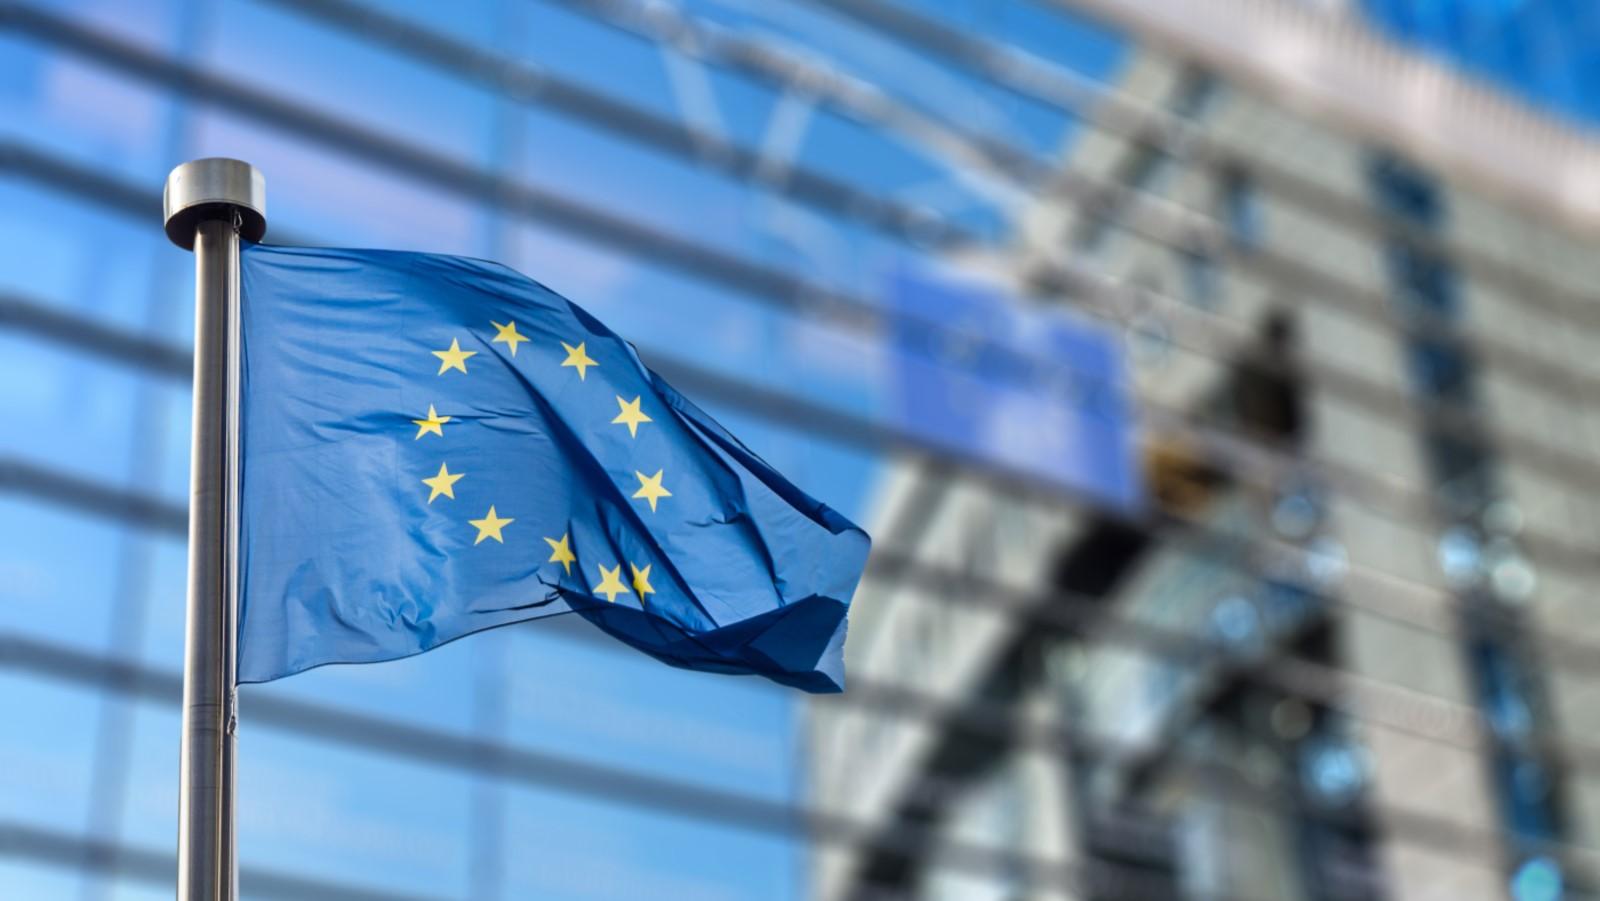 prueba-concepto-ensayo-europa